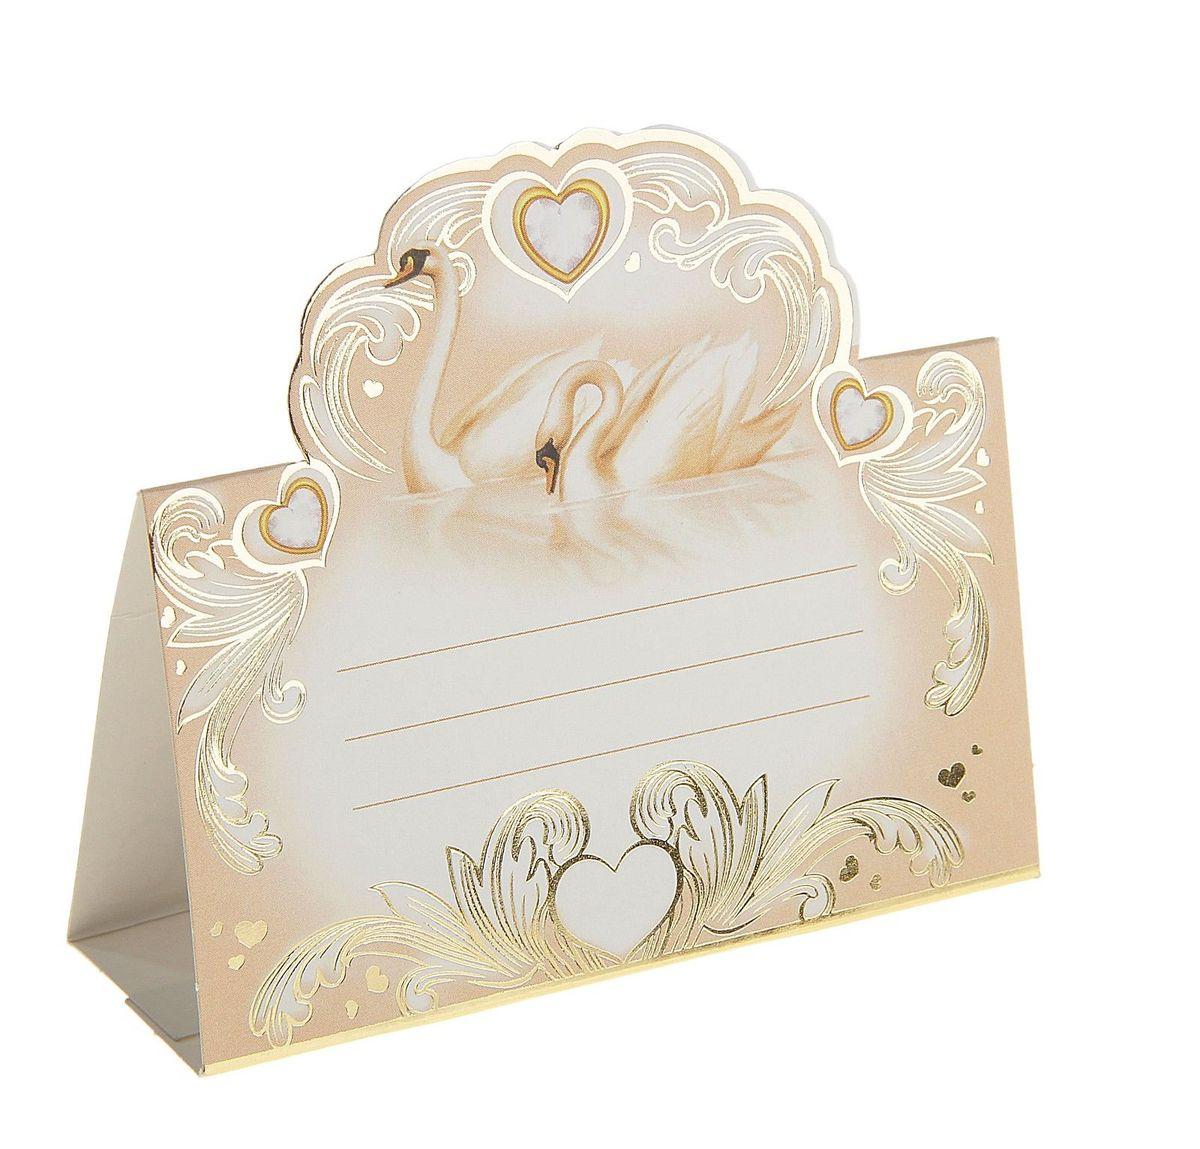 Мир открыток Банкетная карточка. 778443778443Красиво оформленный свадебный стол— это эффектное, неординарное и очень значимое обрамление для проведения любого запланированного вами торжества. Банкетная карточка — это красивое и оригинальное украшение зала, которое дополнит выдержанный стиль мероприятия и передаст праздничное настроение вам и вашим гостям.